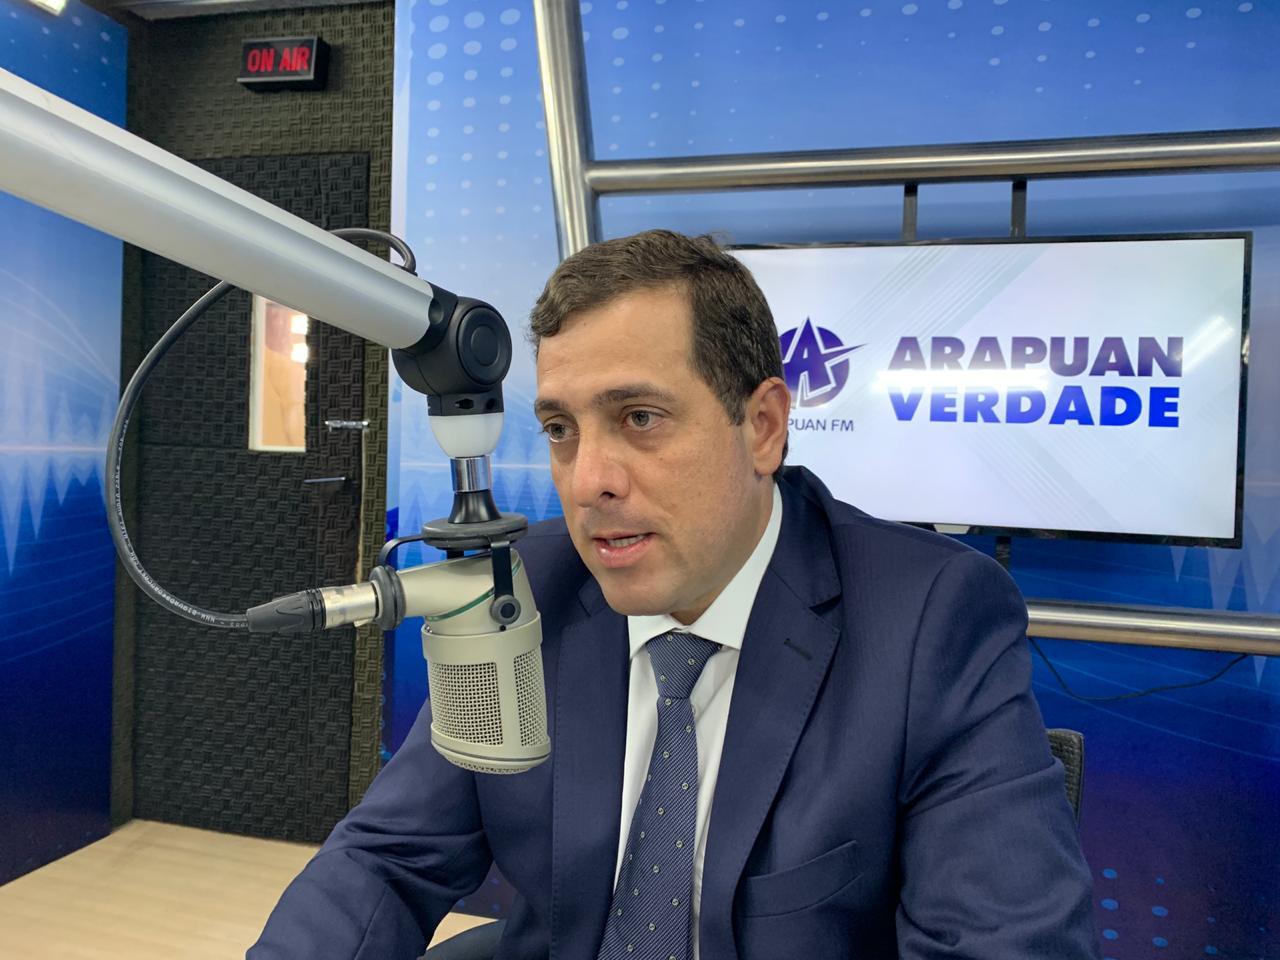 gervásio maia filho deputado federal - Câmara articula CPI e convite para ouvir Sérgio Moro, diz Gervásio